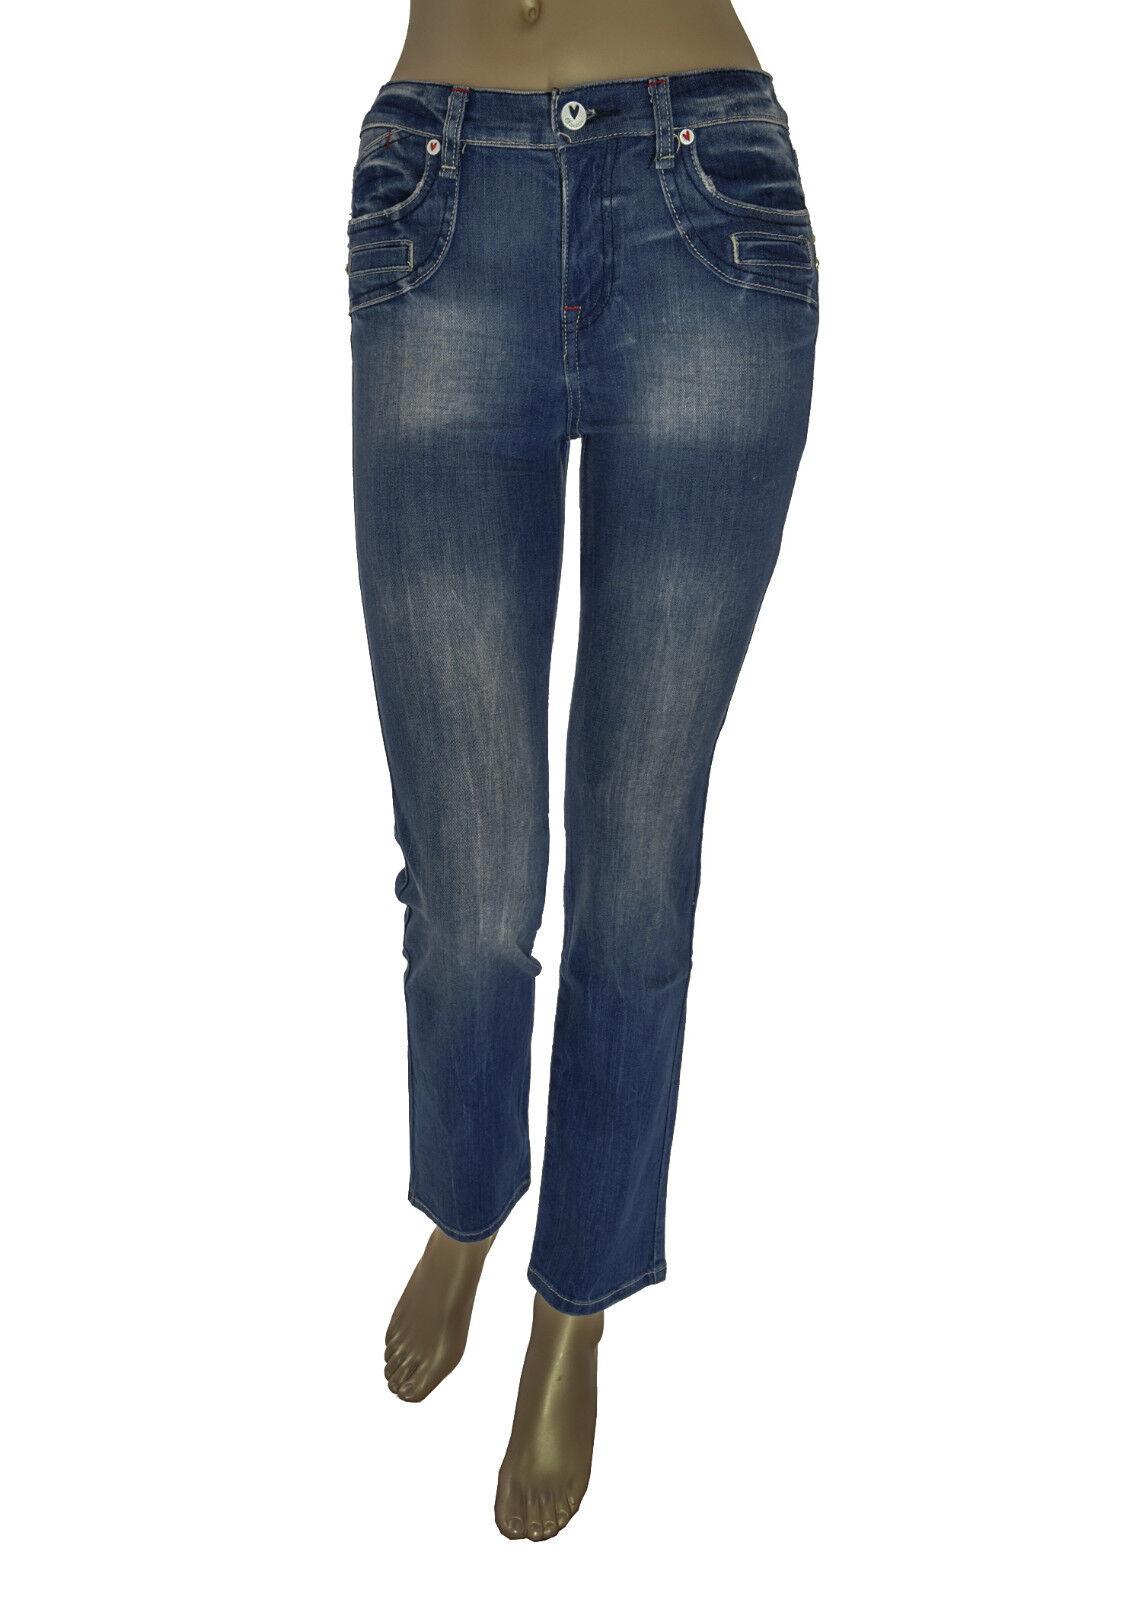 FIORUCCI Jeans ragazza/donna - dettagli sulle tasche con strass e logo